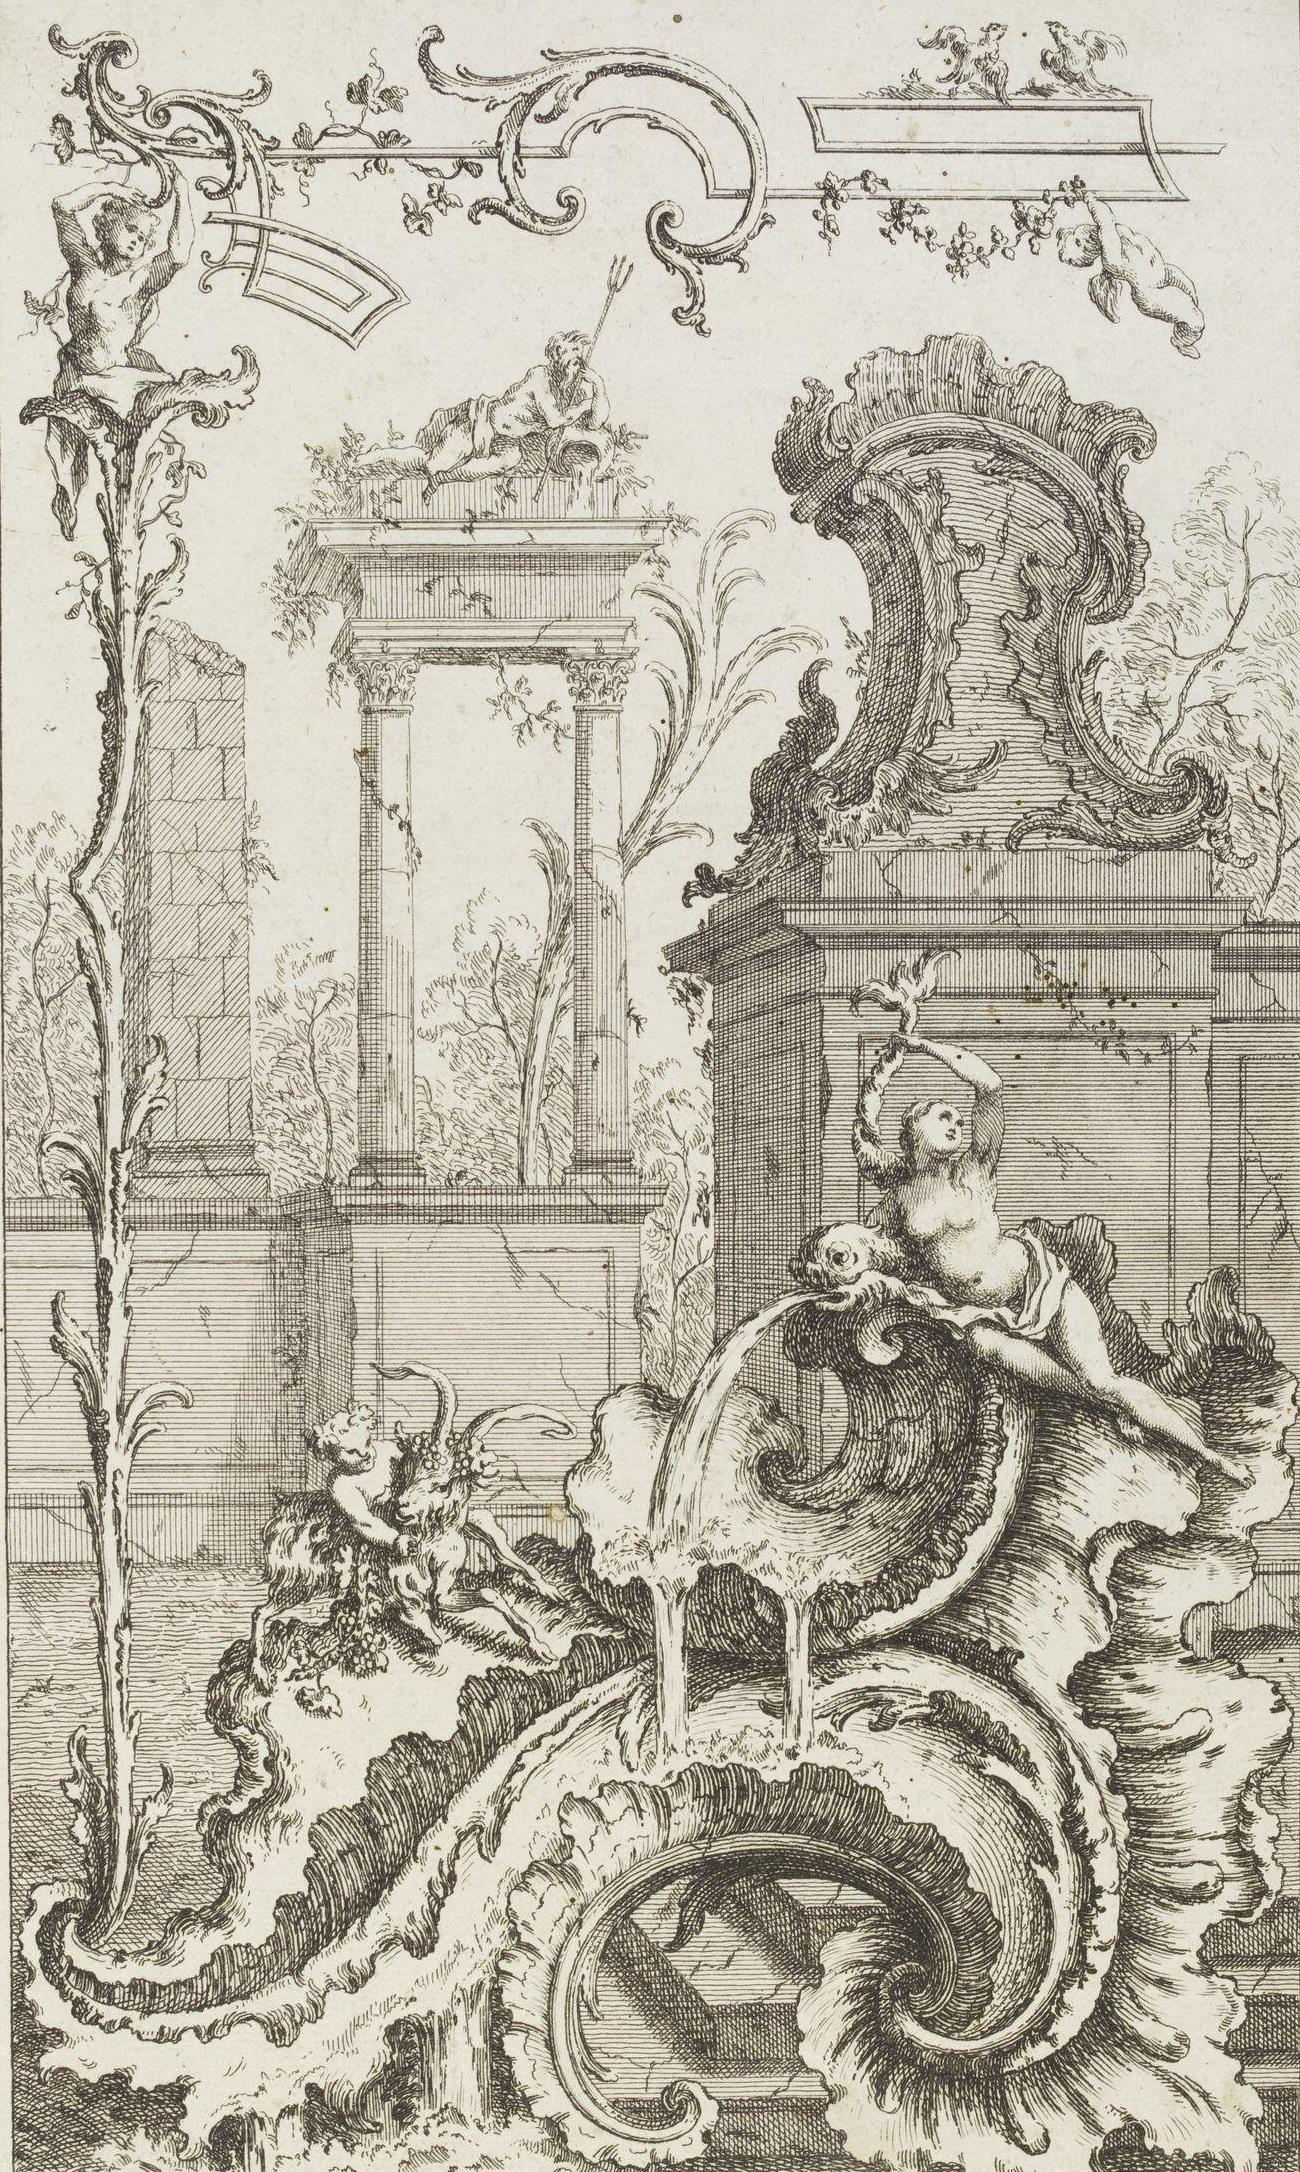 morceau de fantaisie V. and A. JF de Cuillivièsjpg